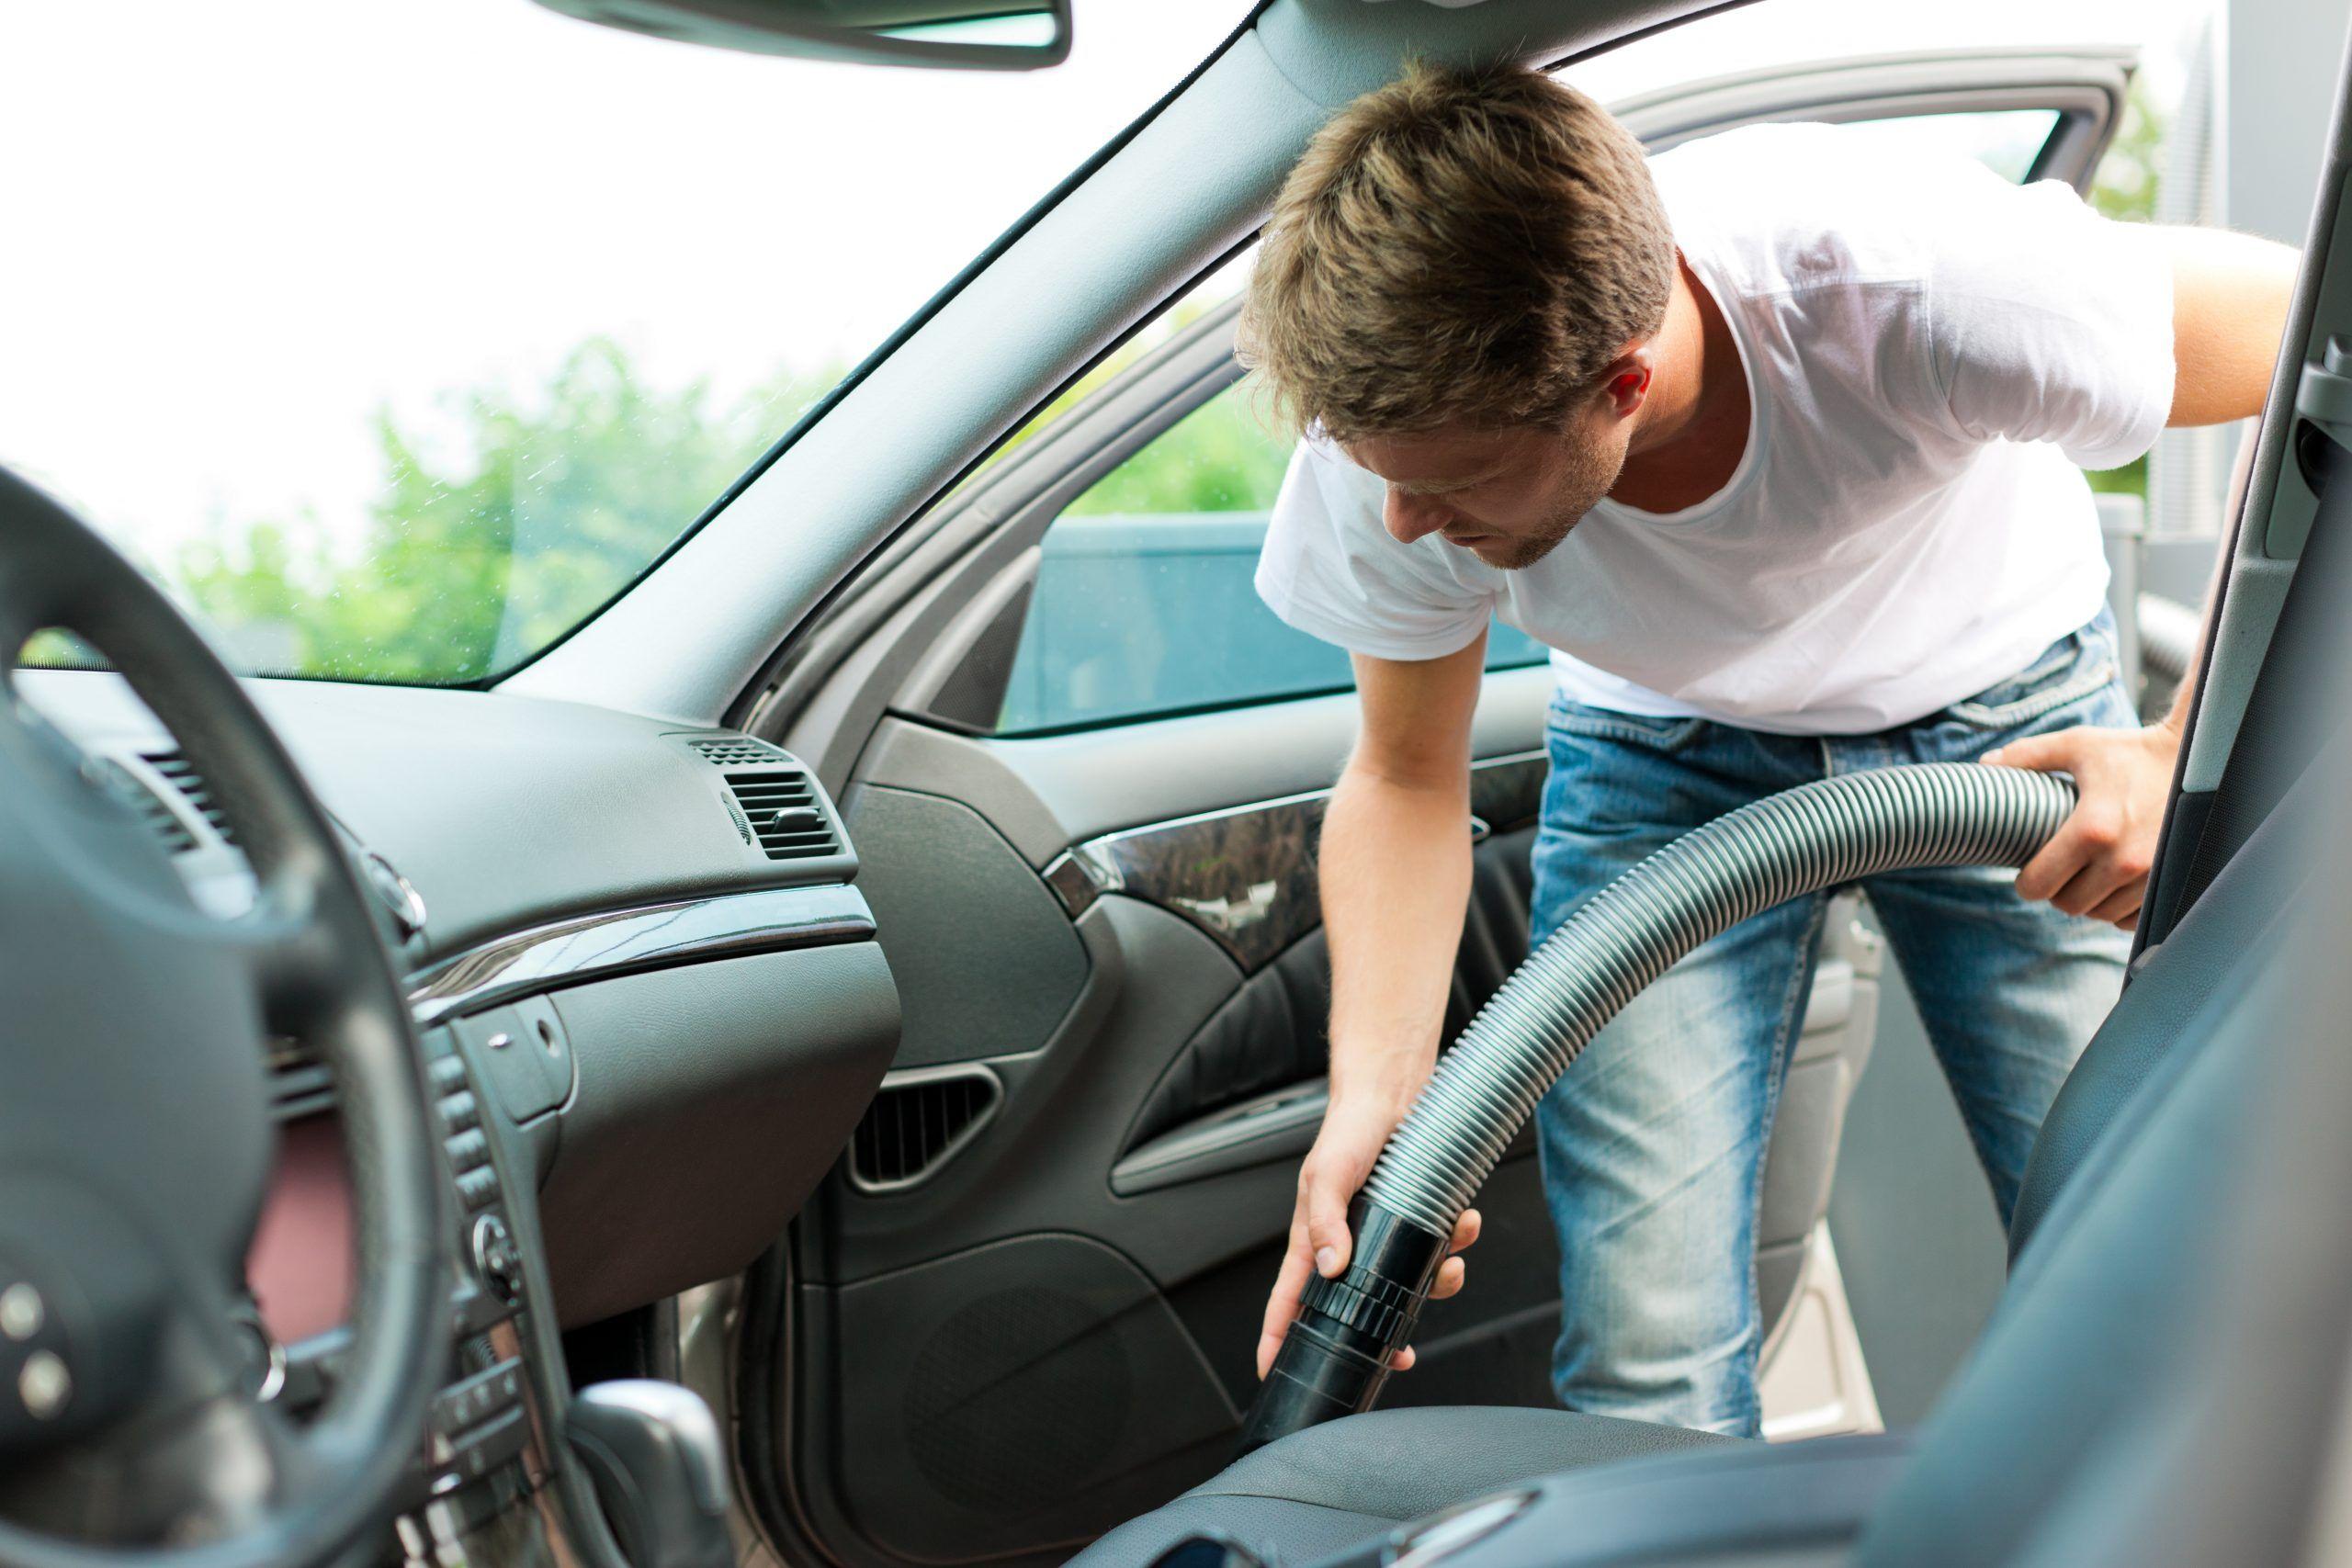 Pulizia interni dell'auto: come avere una macchina (quasi) nuova